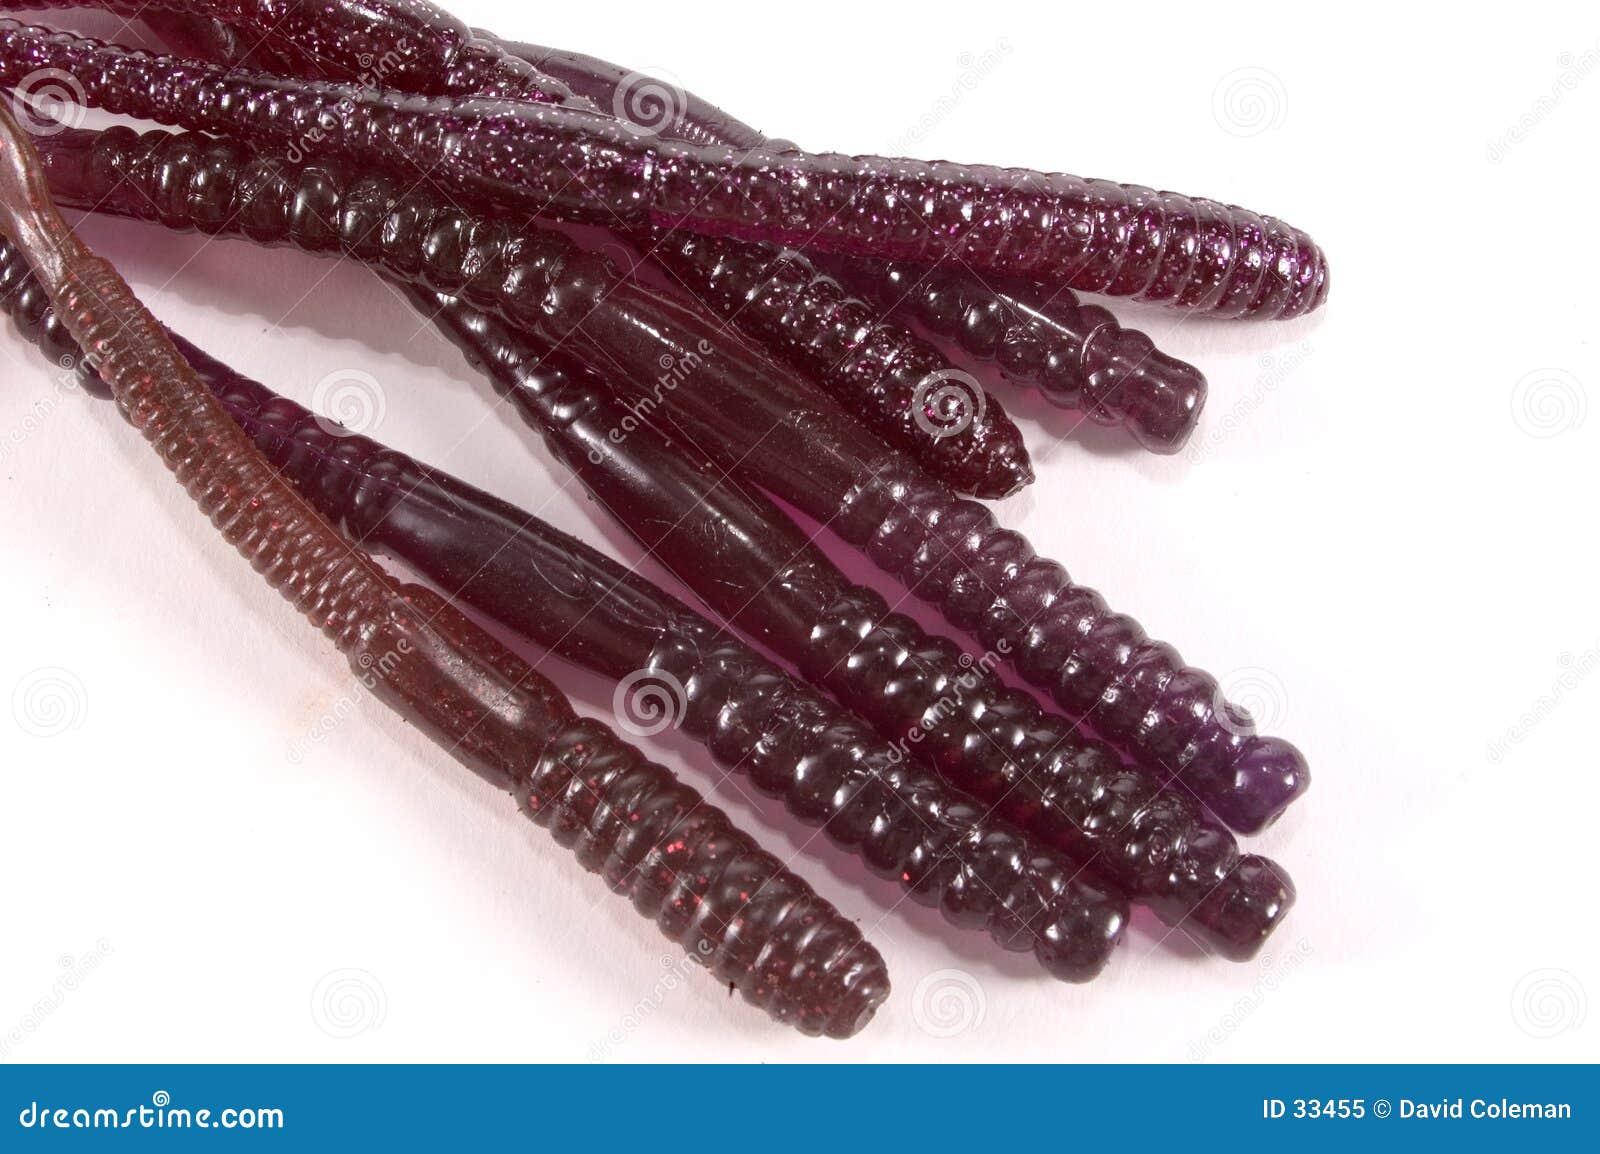 食人蠕虫_橡胶蠕虫